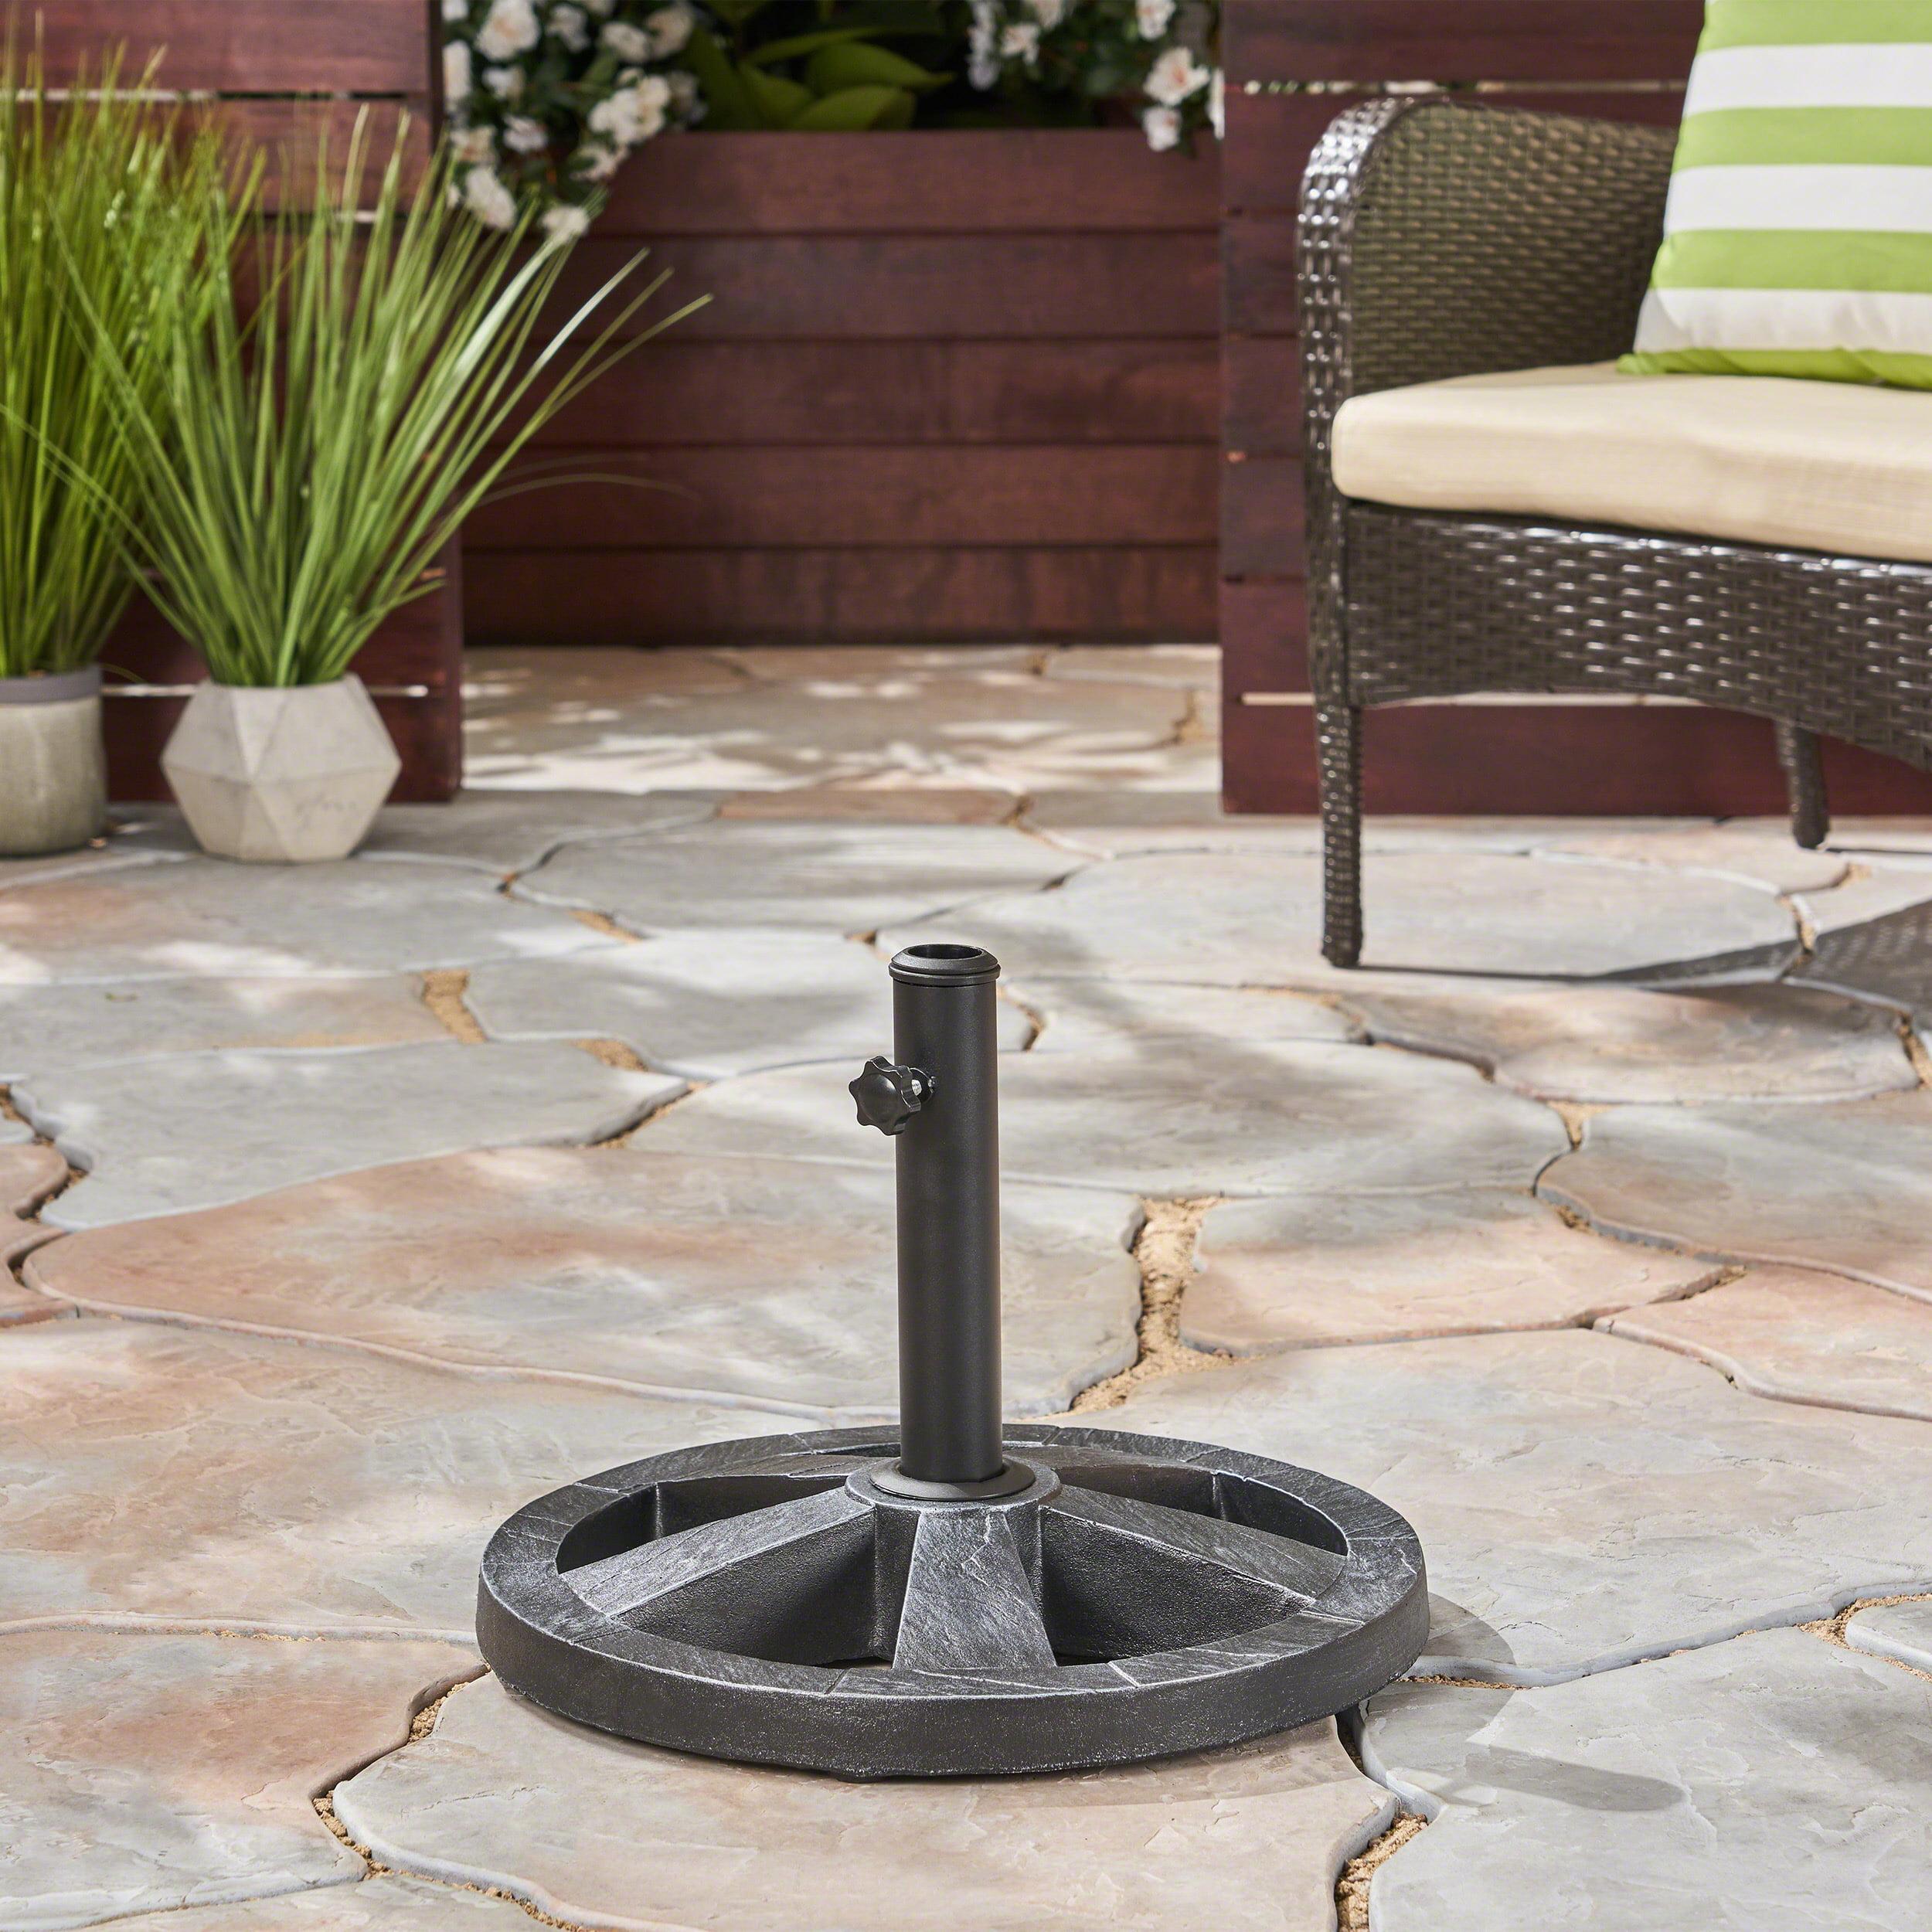 Dustin Outdoor 22Lb Concrete Circular Umbrella Base, Hammered Iron